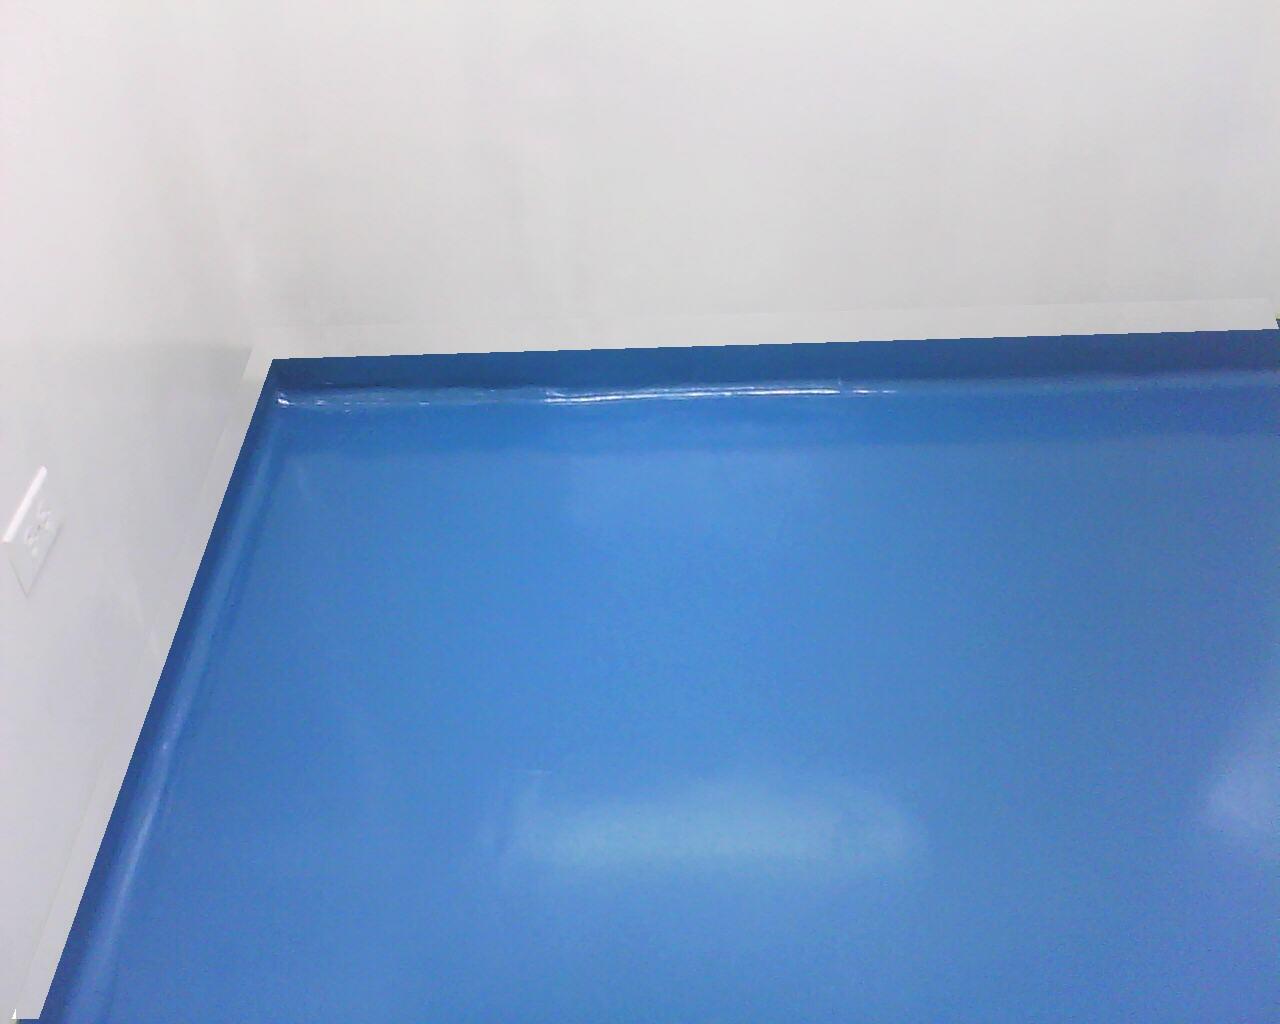 Pintar con pintura epoxica remodelaciones for Pintura para pisos colores